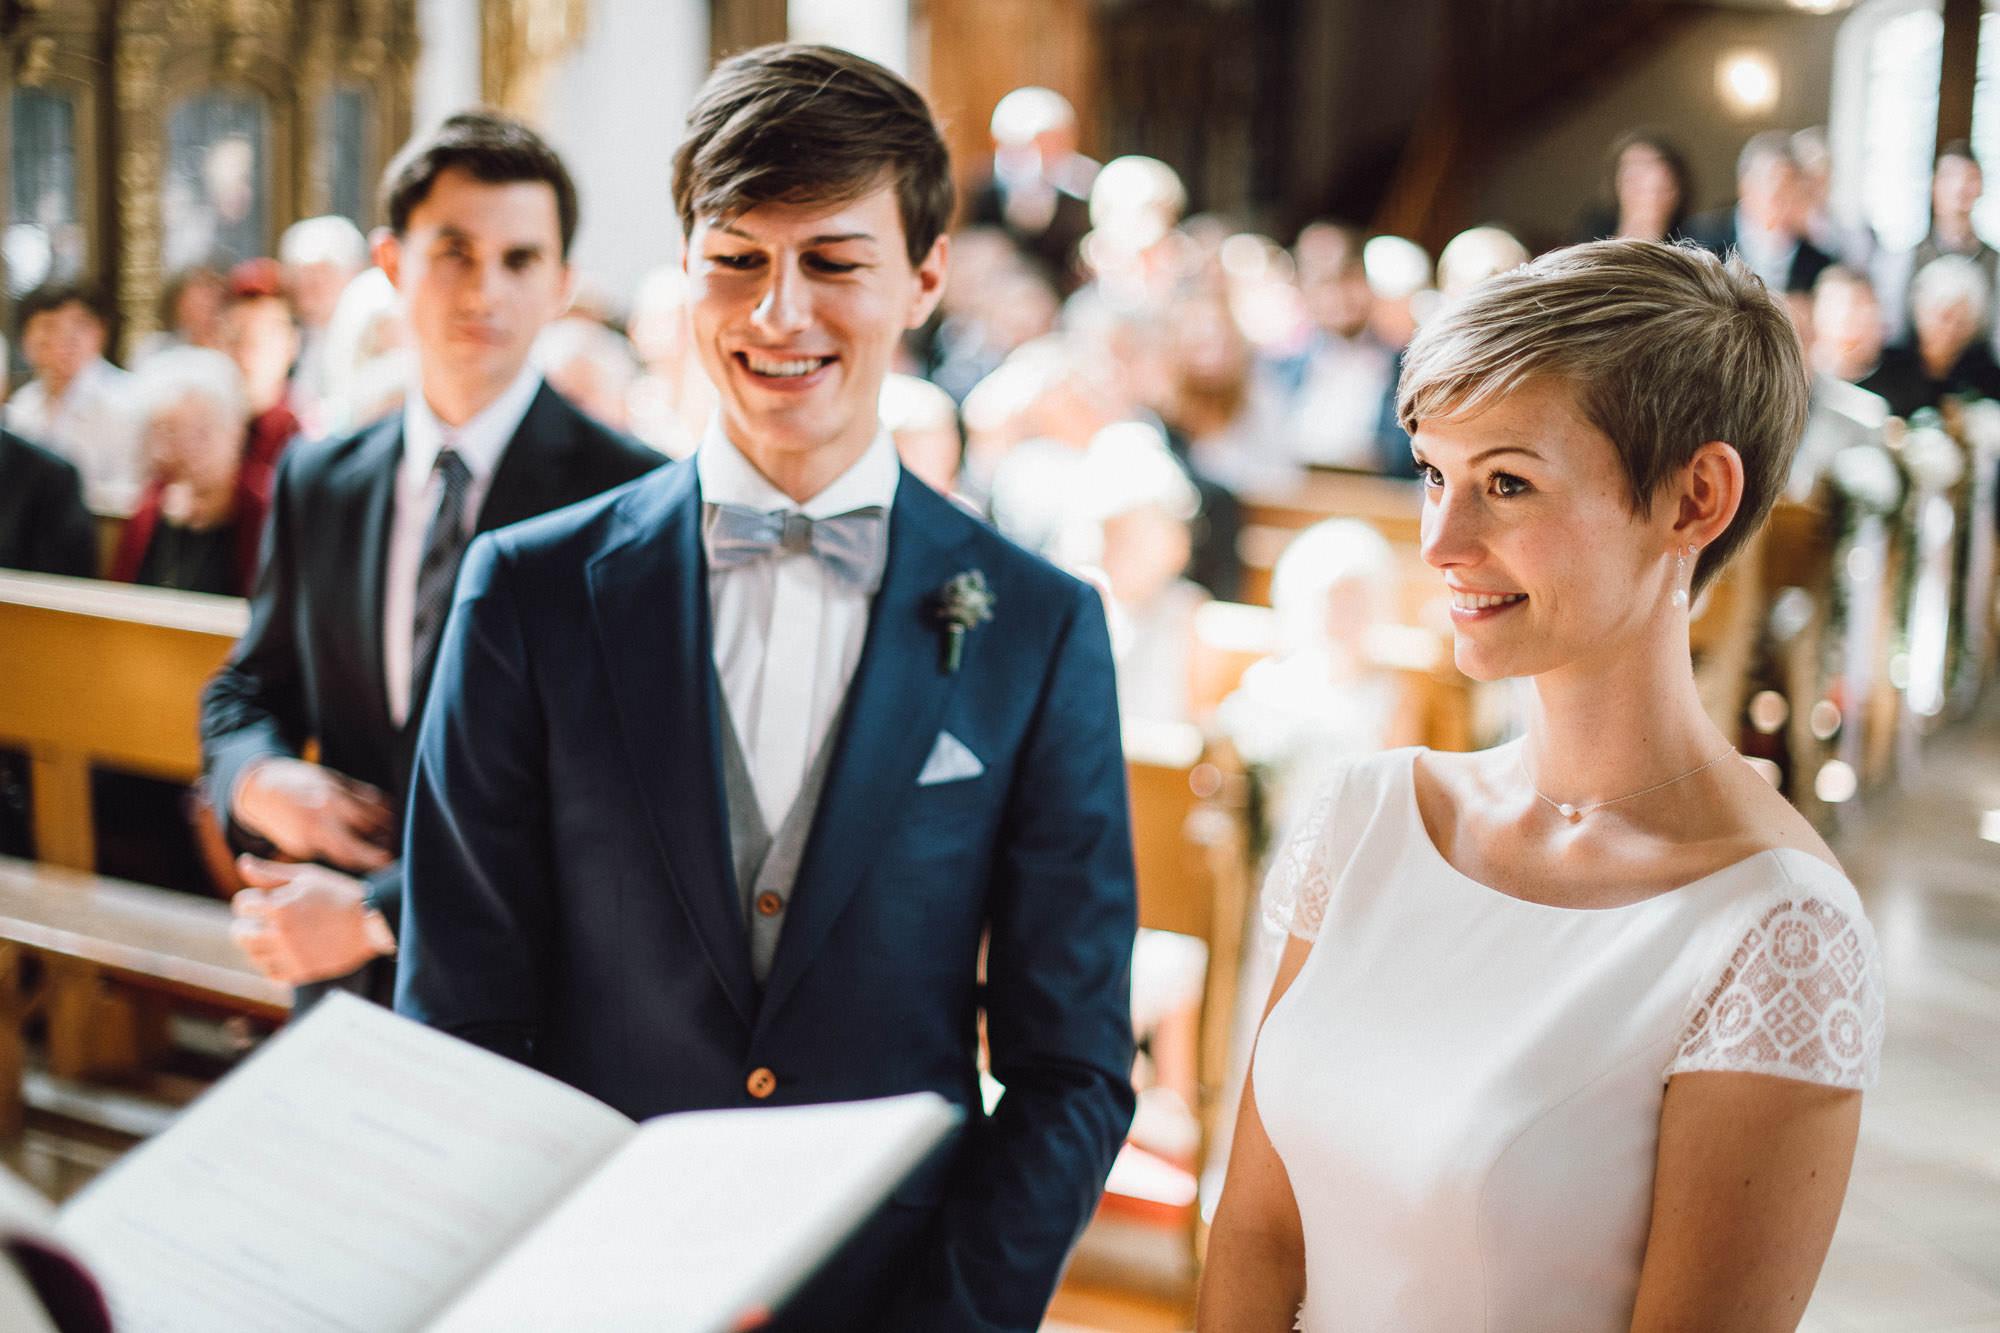 greenery-wedding-hochzeit-prielhof-sukkulenten-scheyern-lauraelenaphotography-042